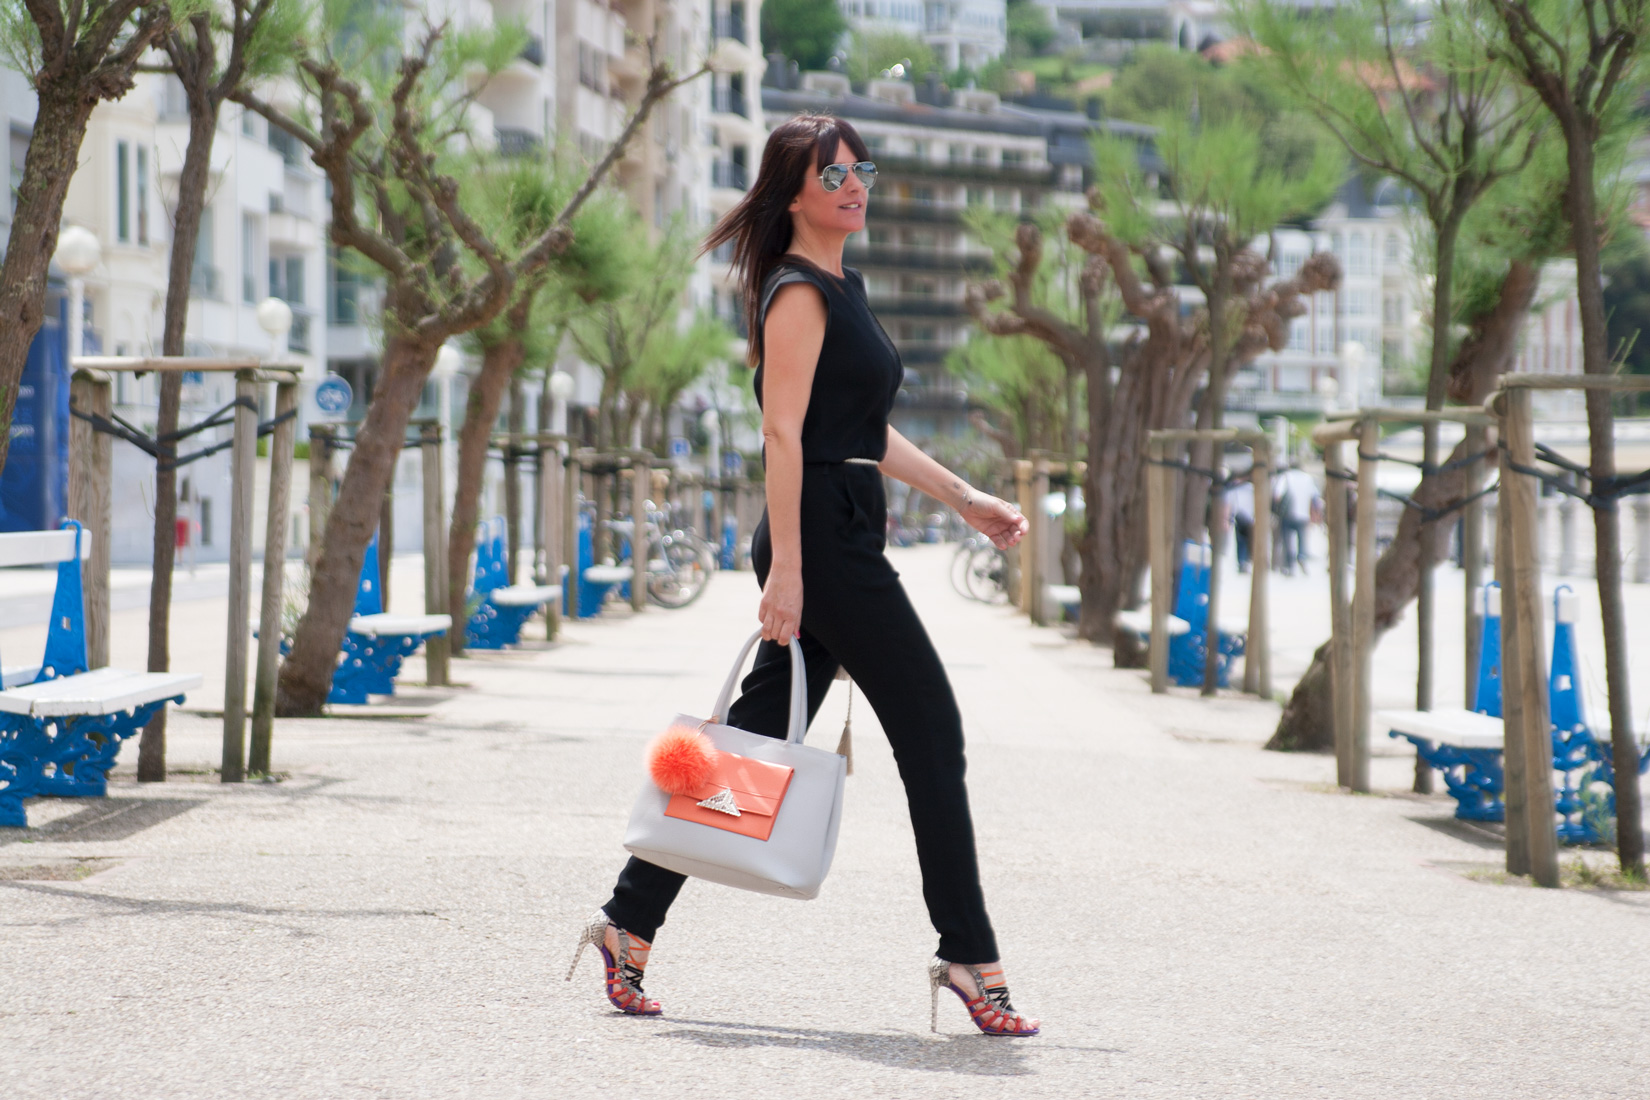 Ainhoa Etxeberria de THE SHOE BOUTIQUE posando con prendas del comercio donostiarra DOLLS.